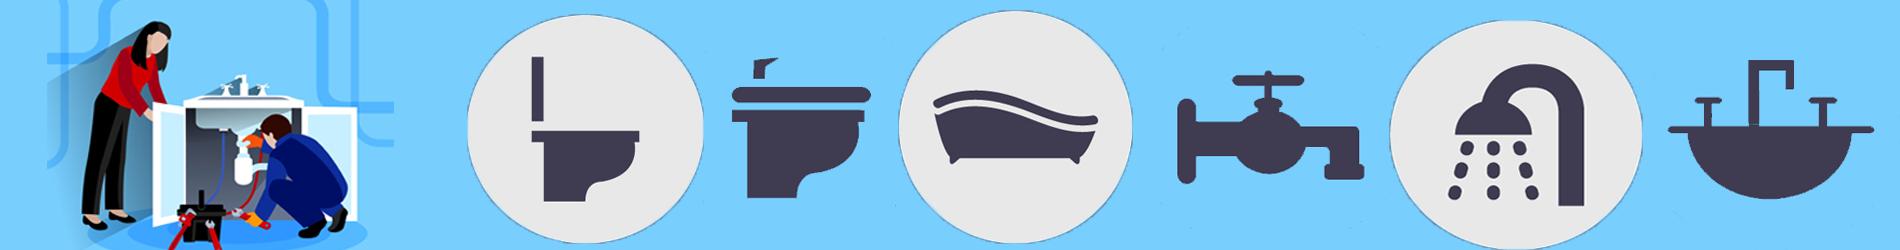 Fejléc duguláselhárítás logo